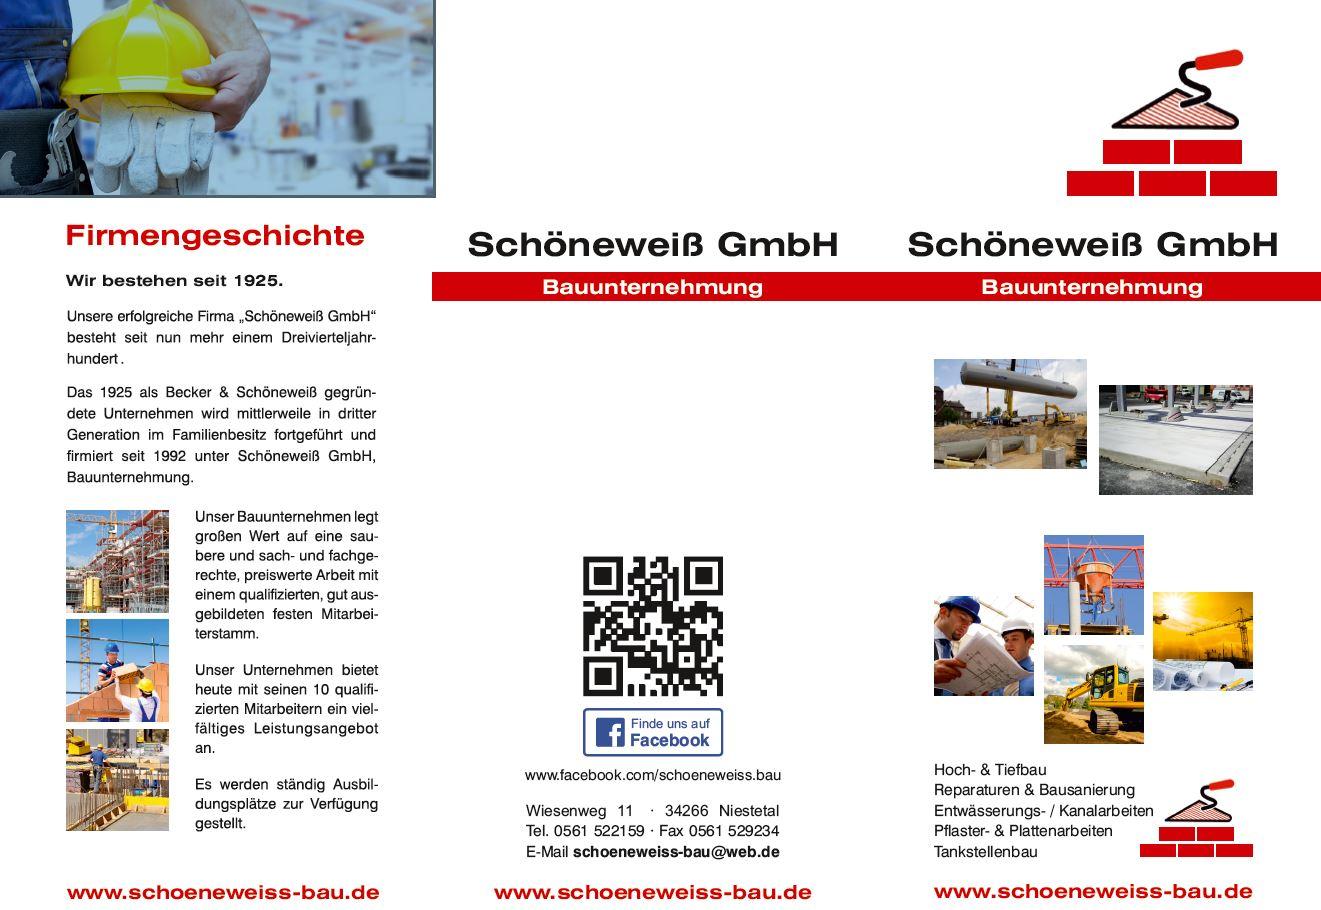 Schöneweiß GmbH Bauunternehmung